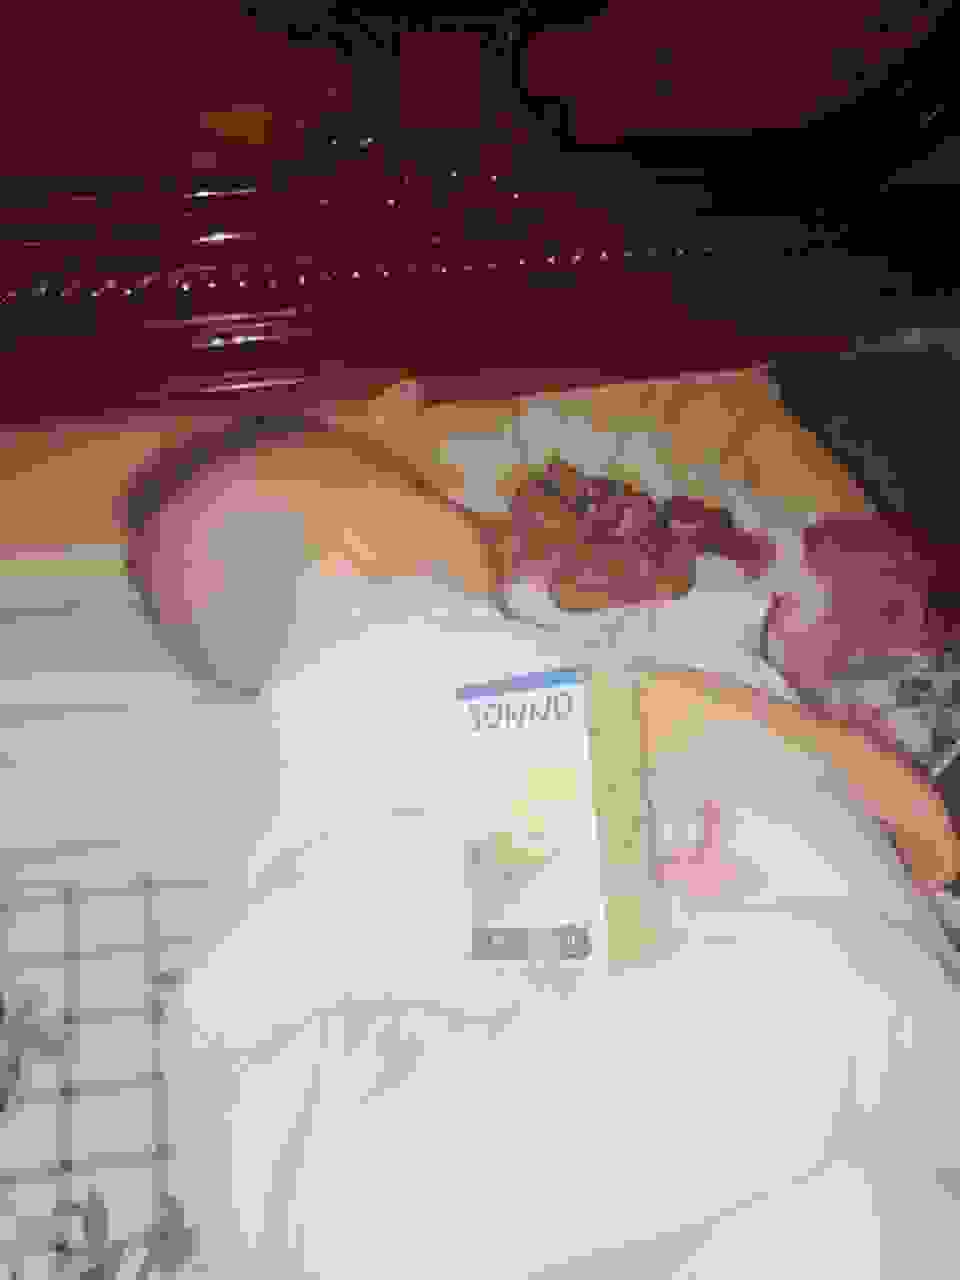 Con ngủ ngon giấc, hết giật mình, quấy khóc đêm chỉ nhờ thảo dược của Ý 2